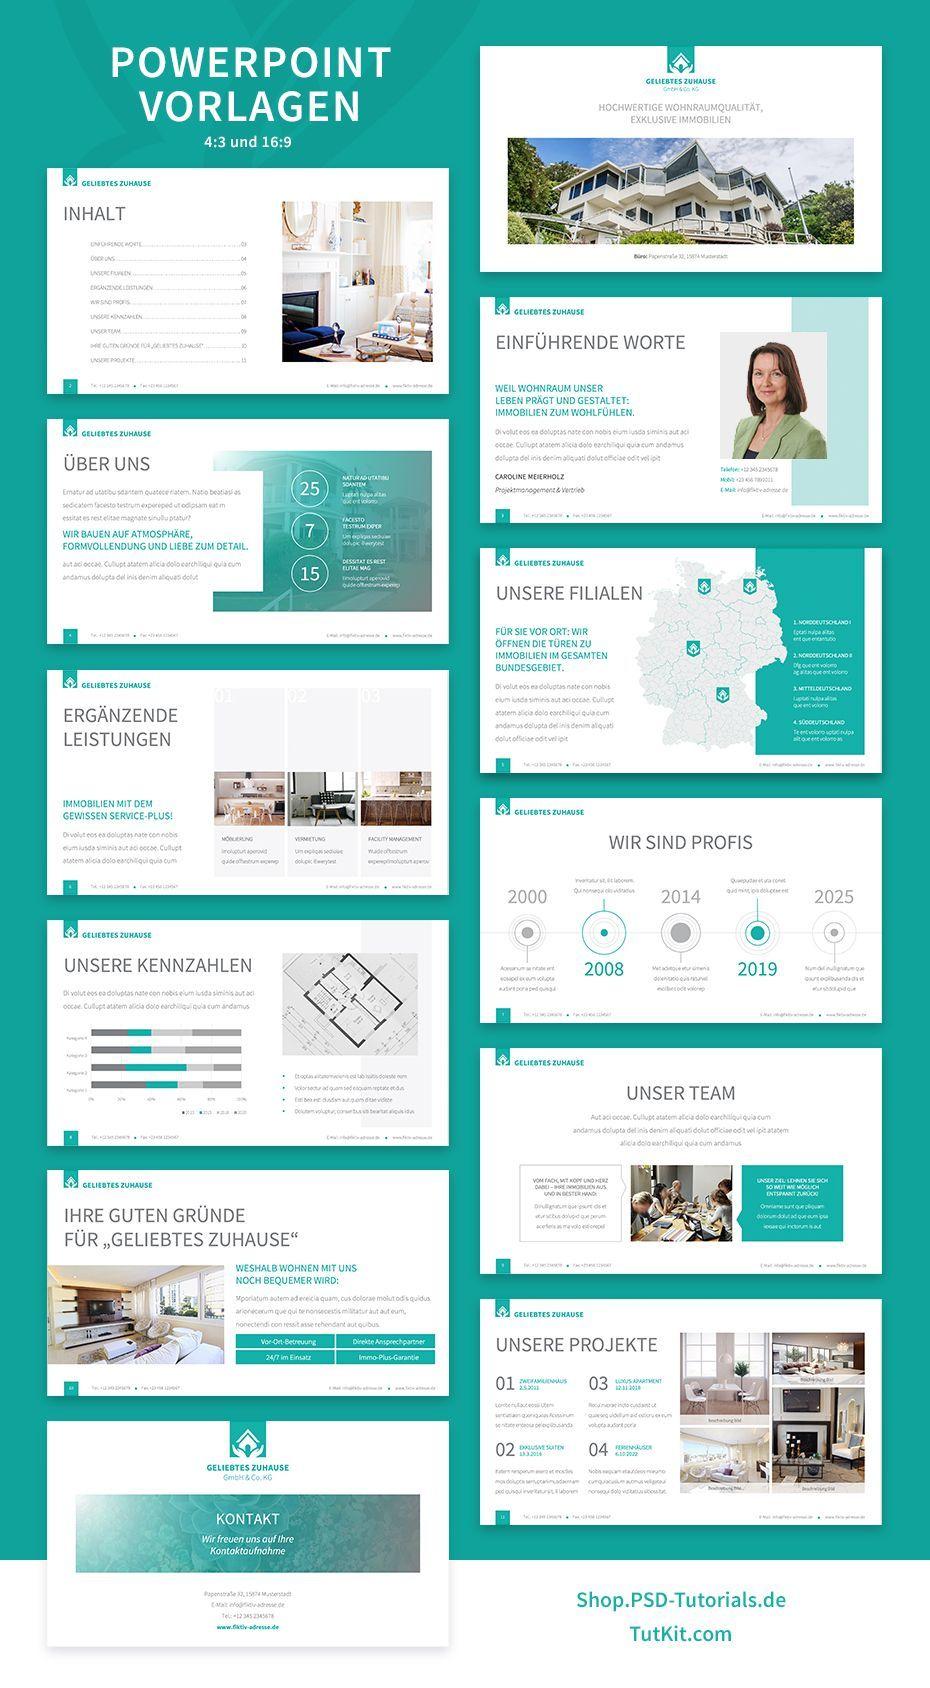 Elegantes Corporate Design Fur Den Bereich Immobilien In 2020 Powerpoint Presentation Design Modern Powerpoint Design Corporate Design